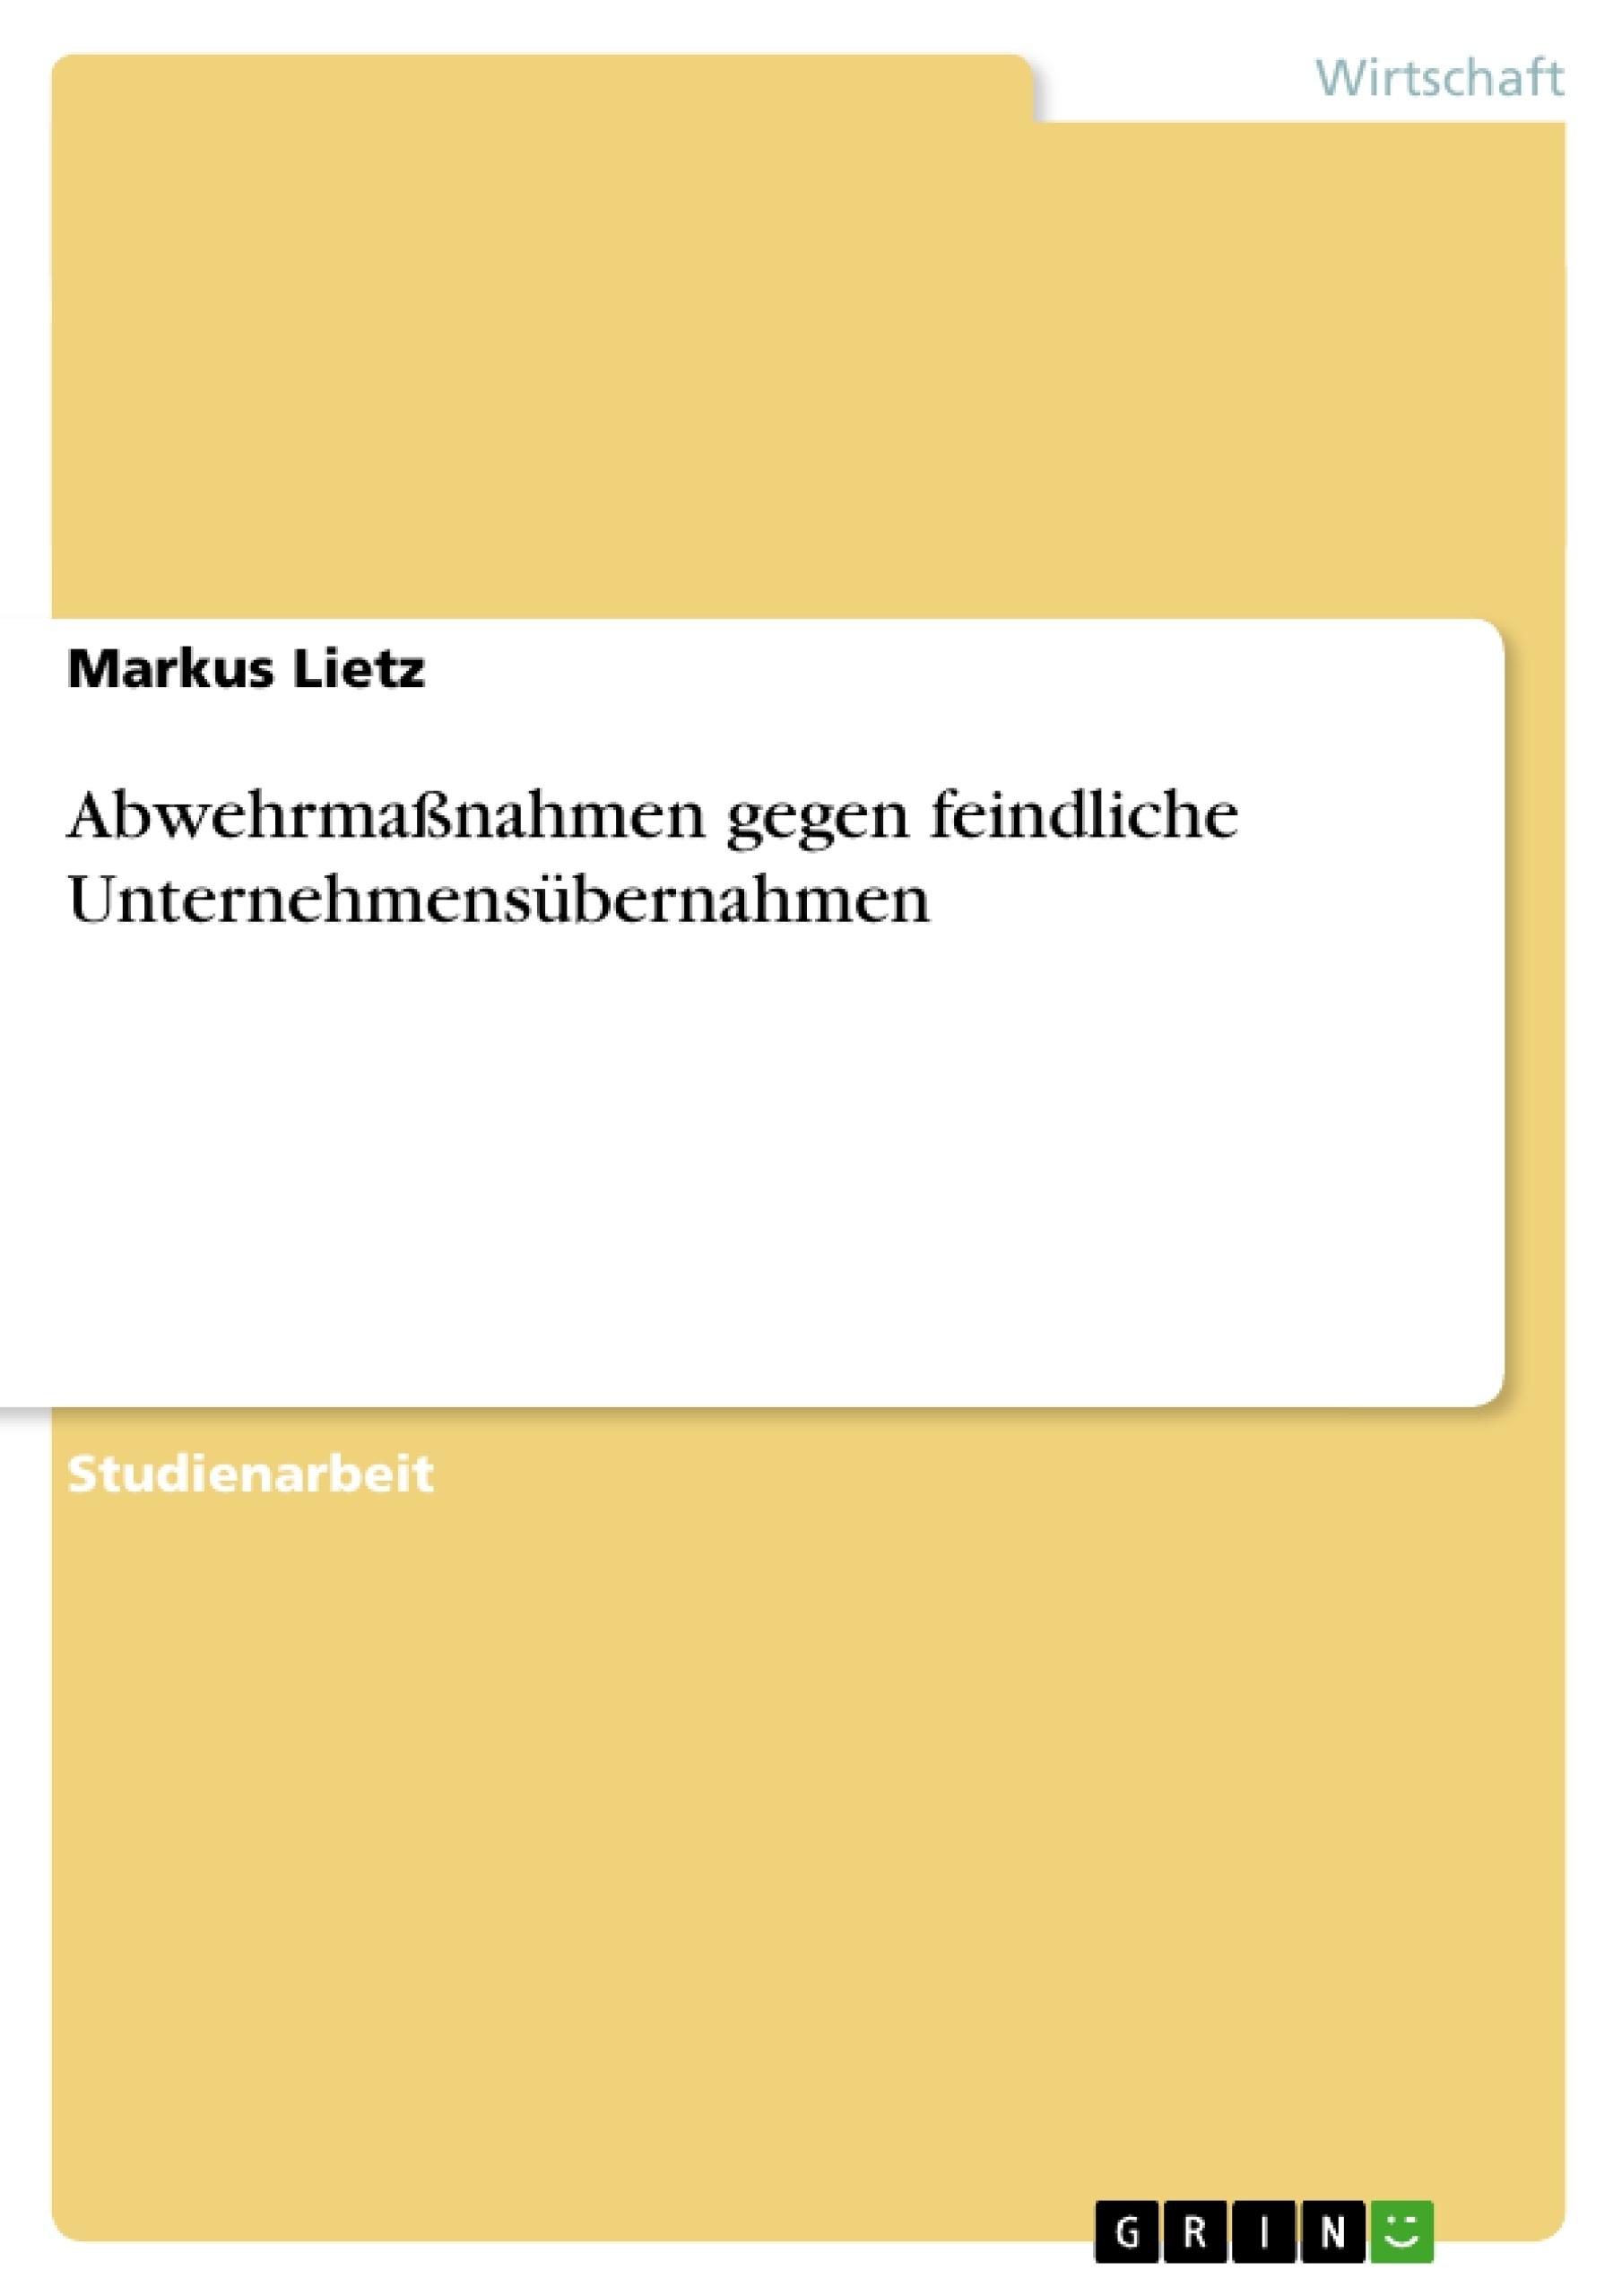 Titel: Abwehrmaßnahmen gegen feindliche Unternehmensübernahmen